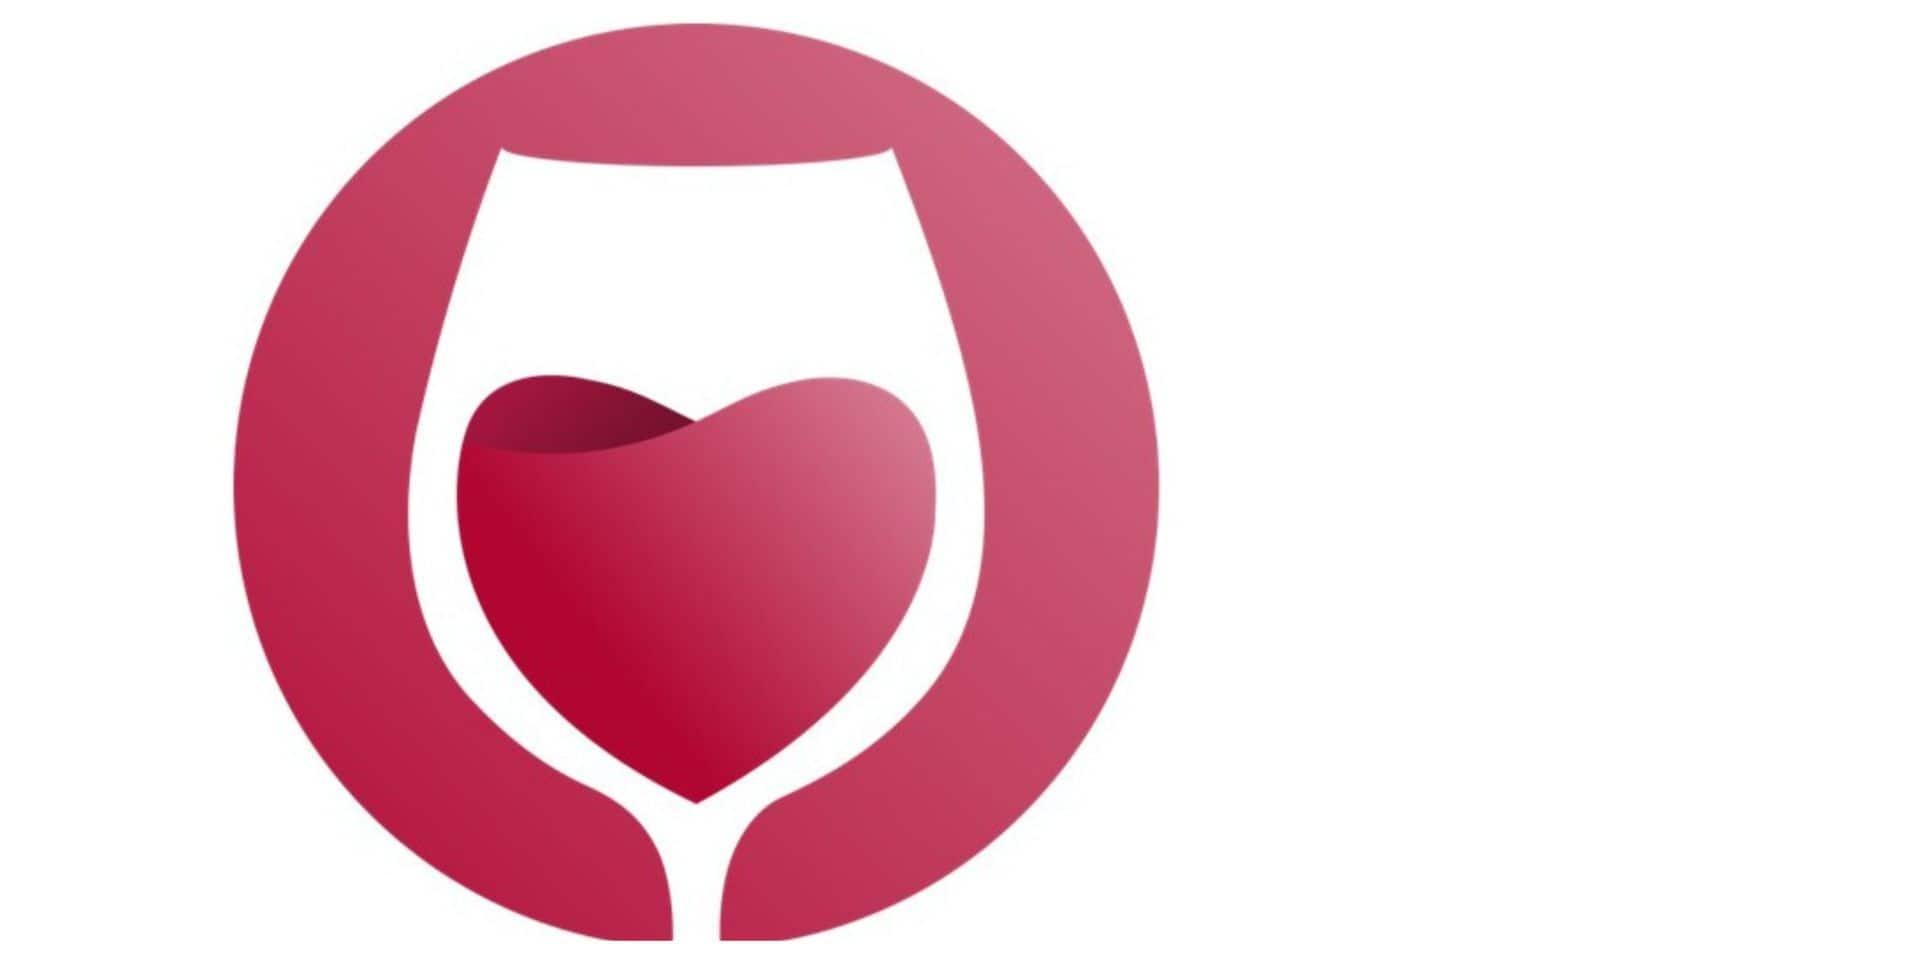 Se rencontrer autour du vin, c'est possible grâce à VineaLove